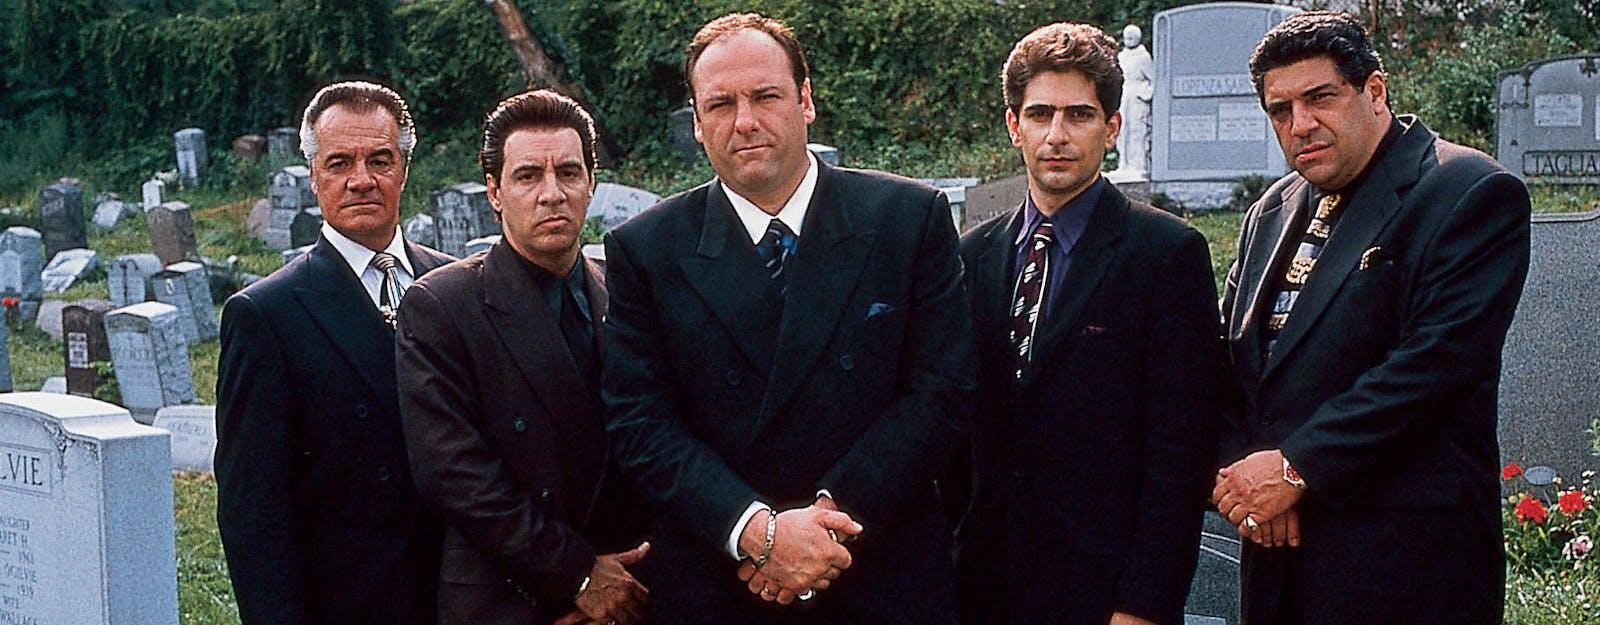 Sopranos-stjärnan död i cancer!